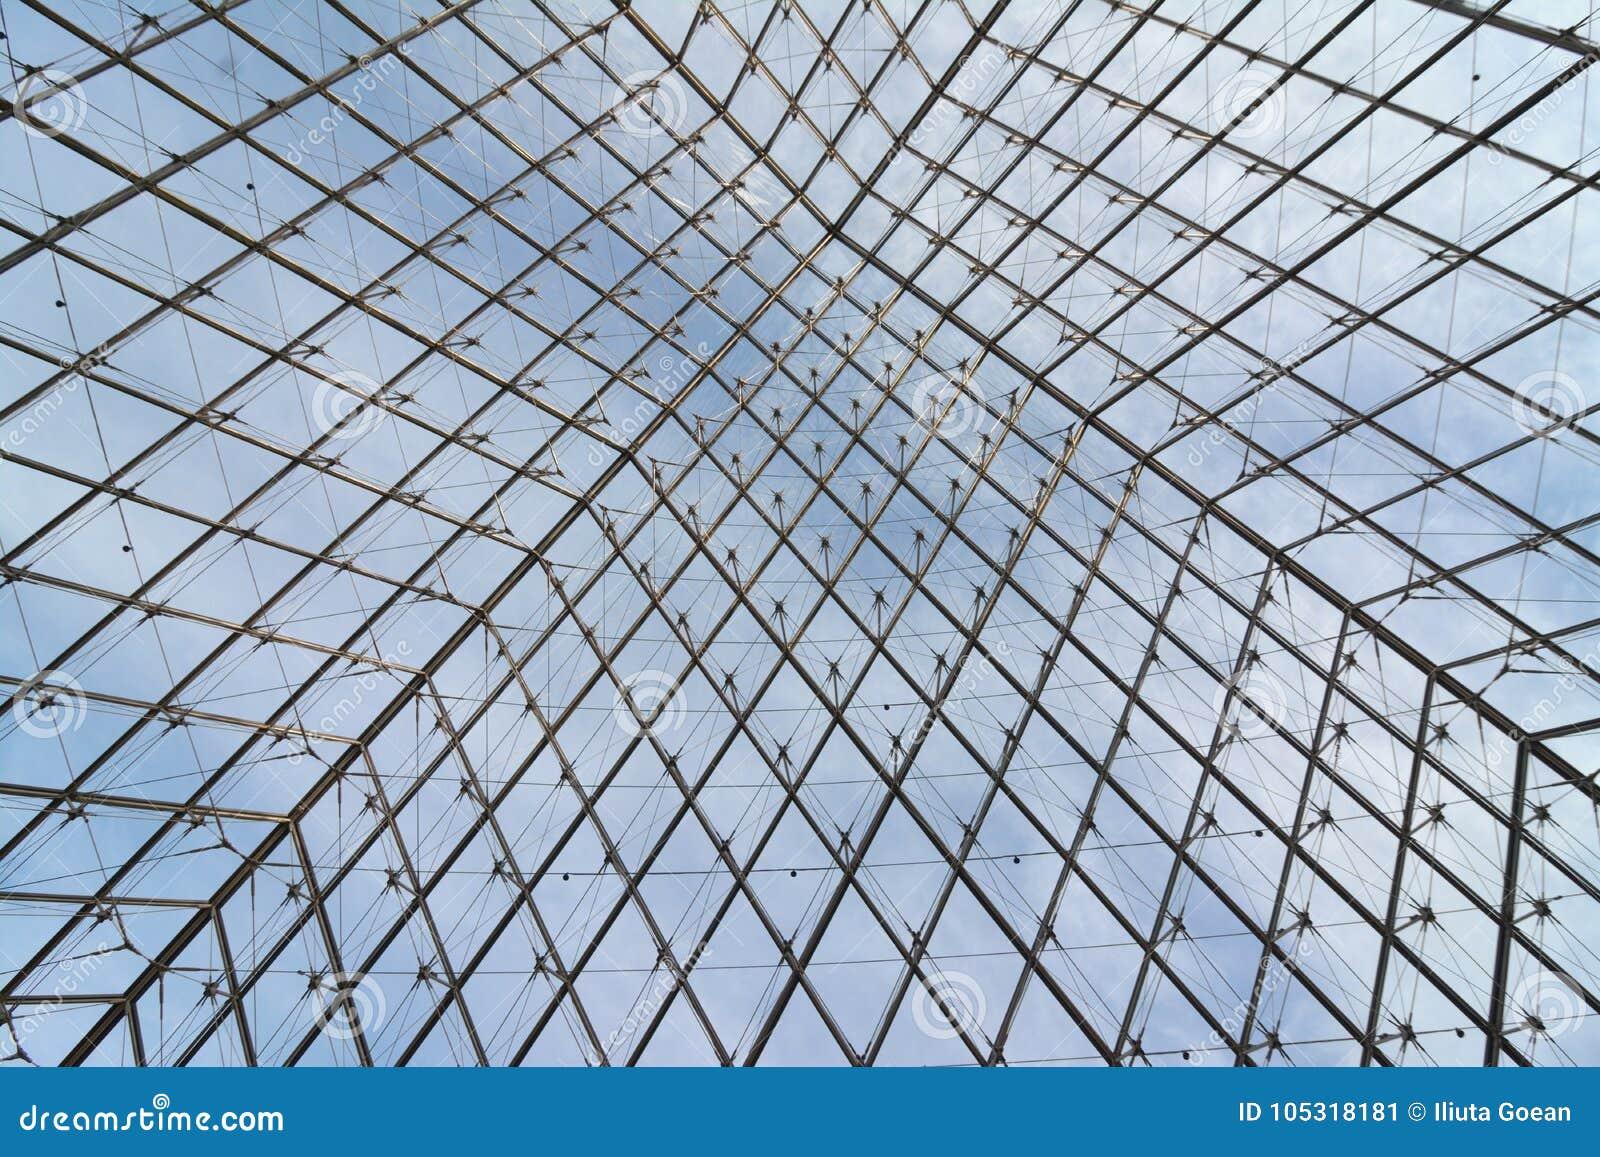 Metall und Glasaufbau